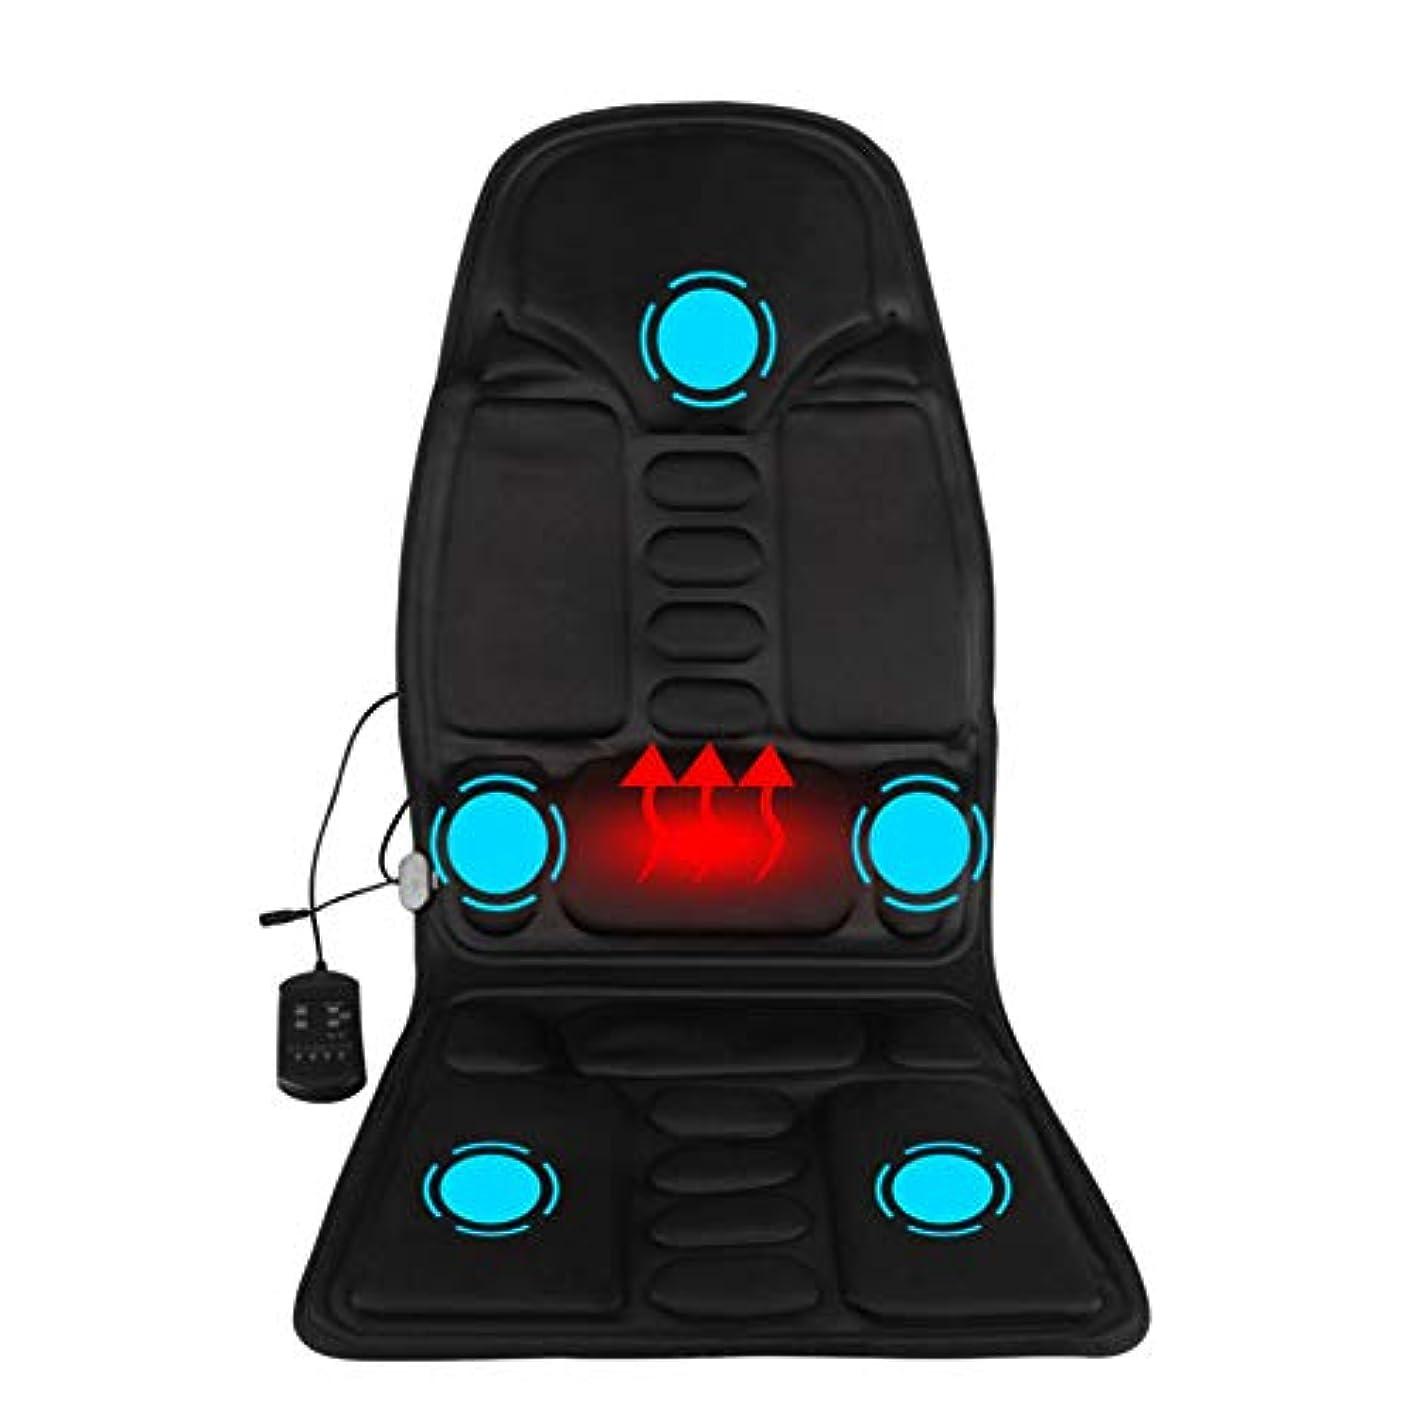 上流の悲しいことにアルミニウムマッサージのあと振れ止めのクッション、車の総本店の5つの熱振動モーターを搭載する背部そして首全体のための携帯用マッサージャーの座席振動のマッサージ